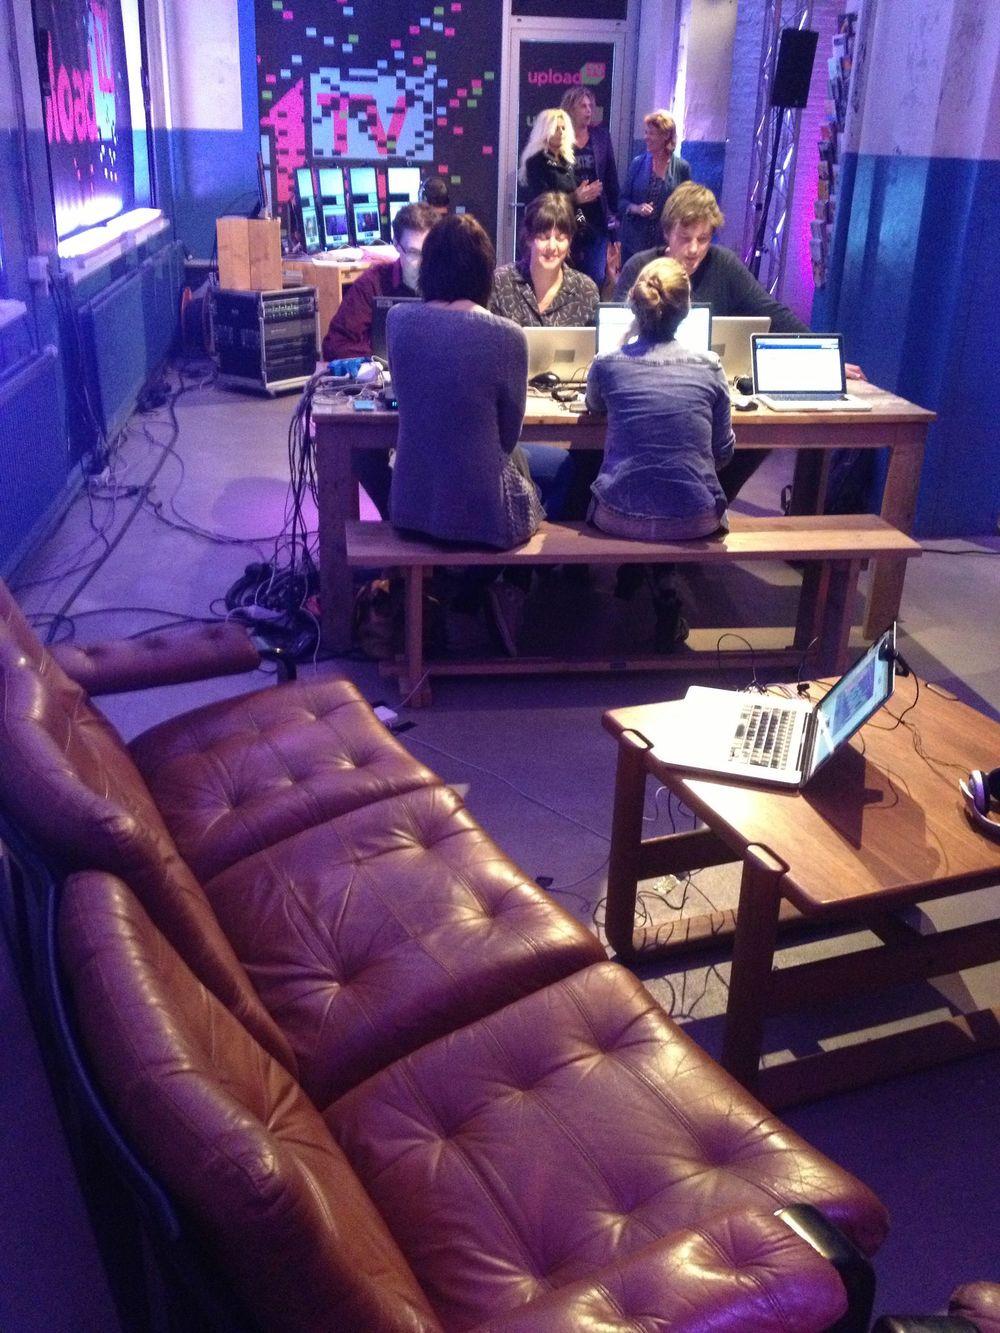 De redactie en de Hangout van UploadTV